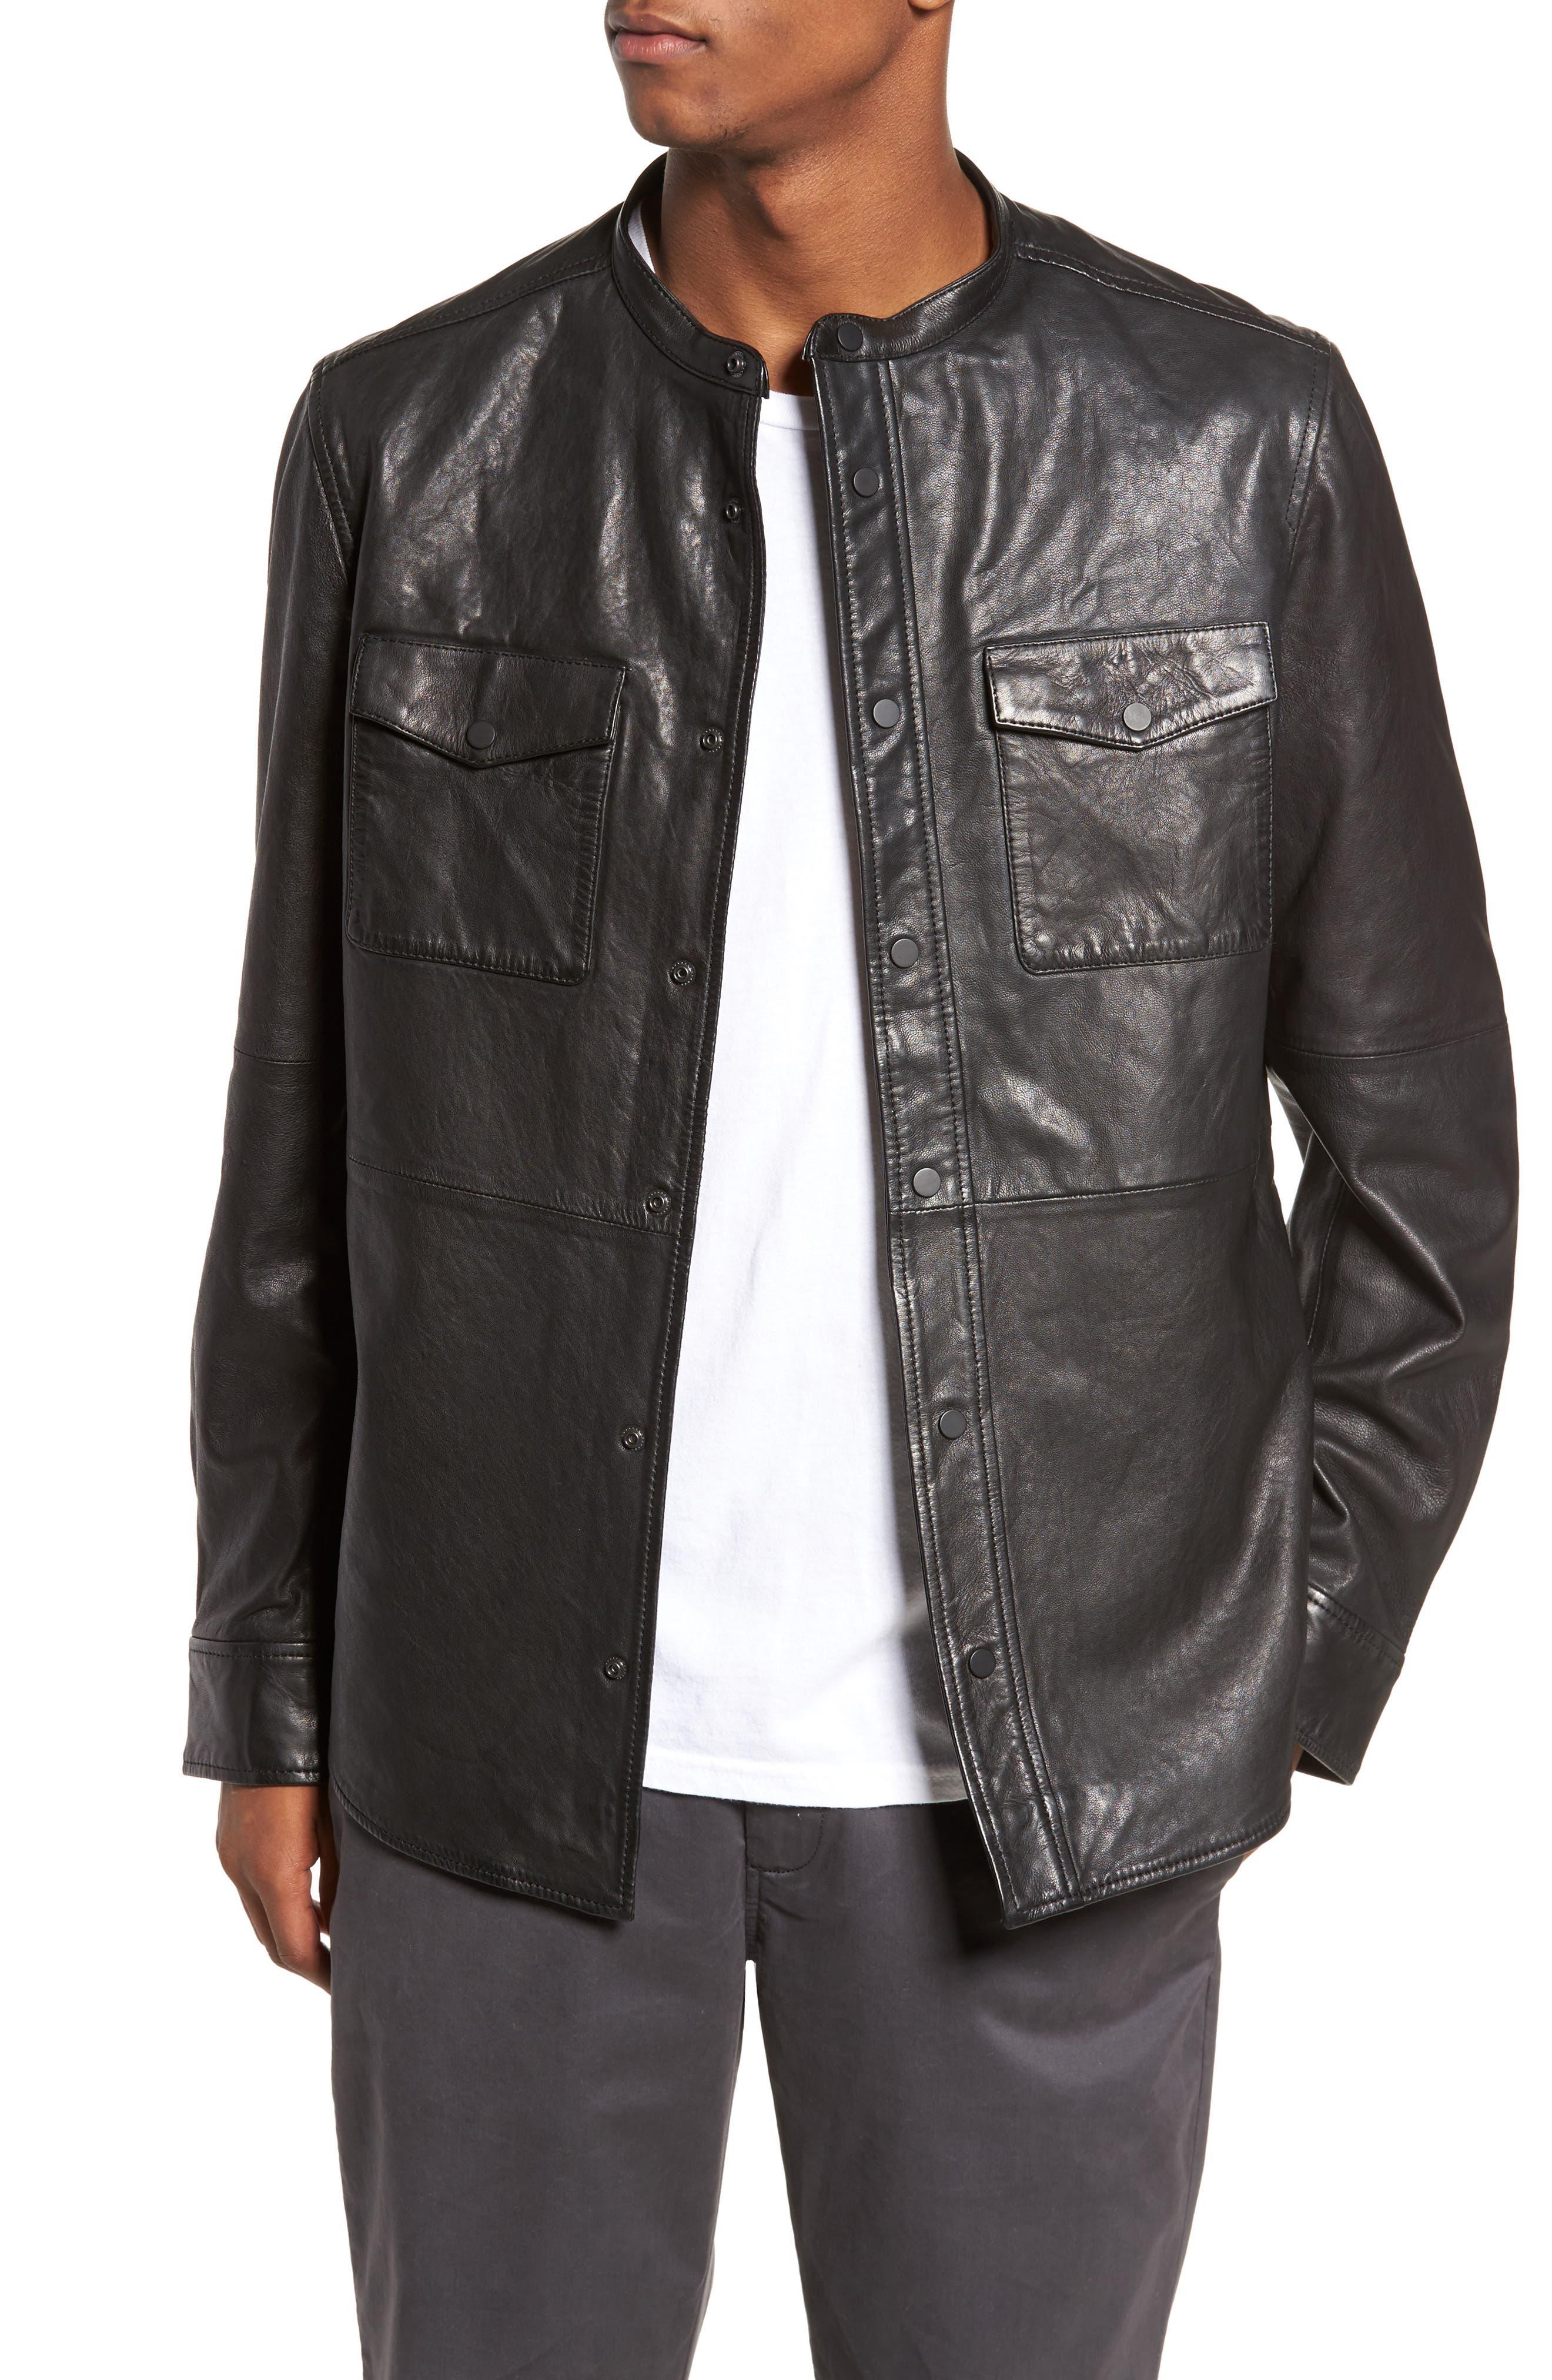 Main Image - Treasure & Bond Atwater Leather Shirt Jacket